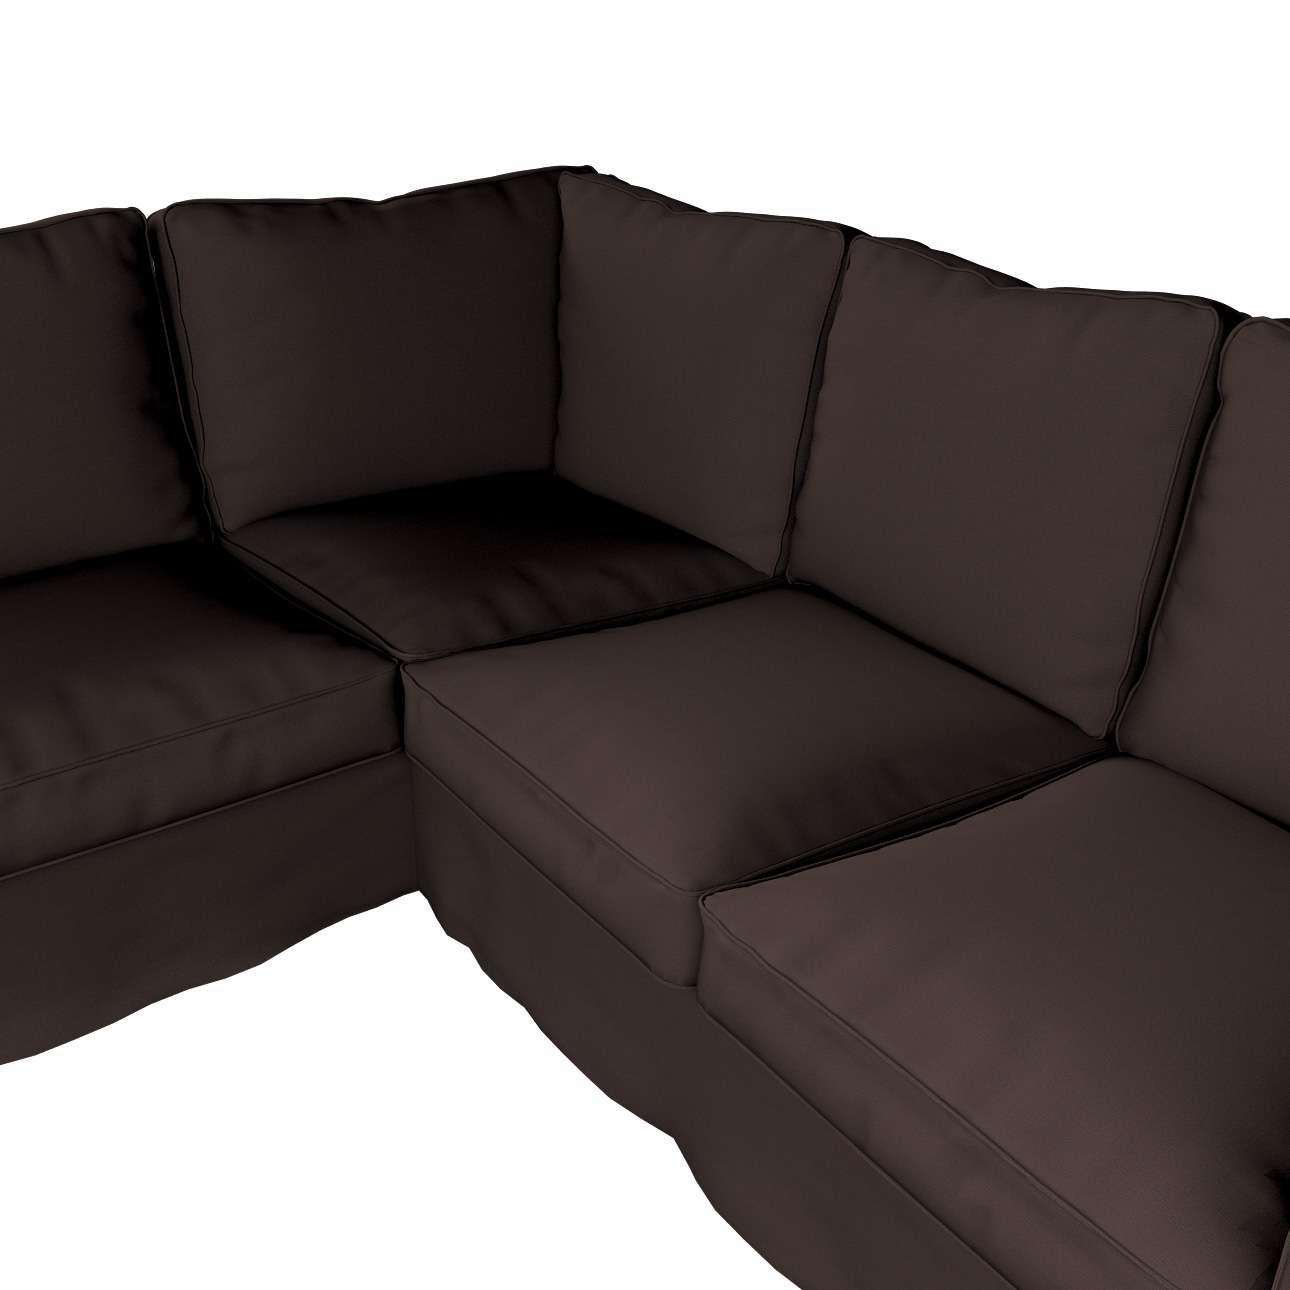 Pokrowiec na sofę narożną Ektorp w kolekcji Cotton Panama, tkanina: 702-03